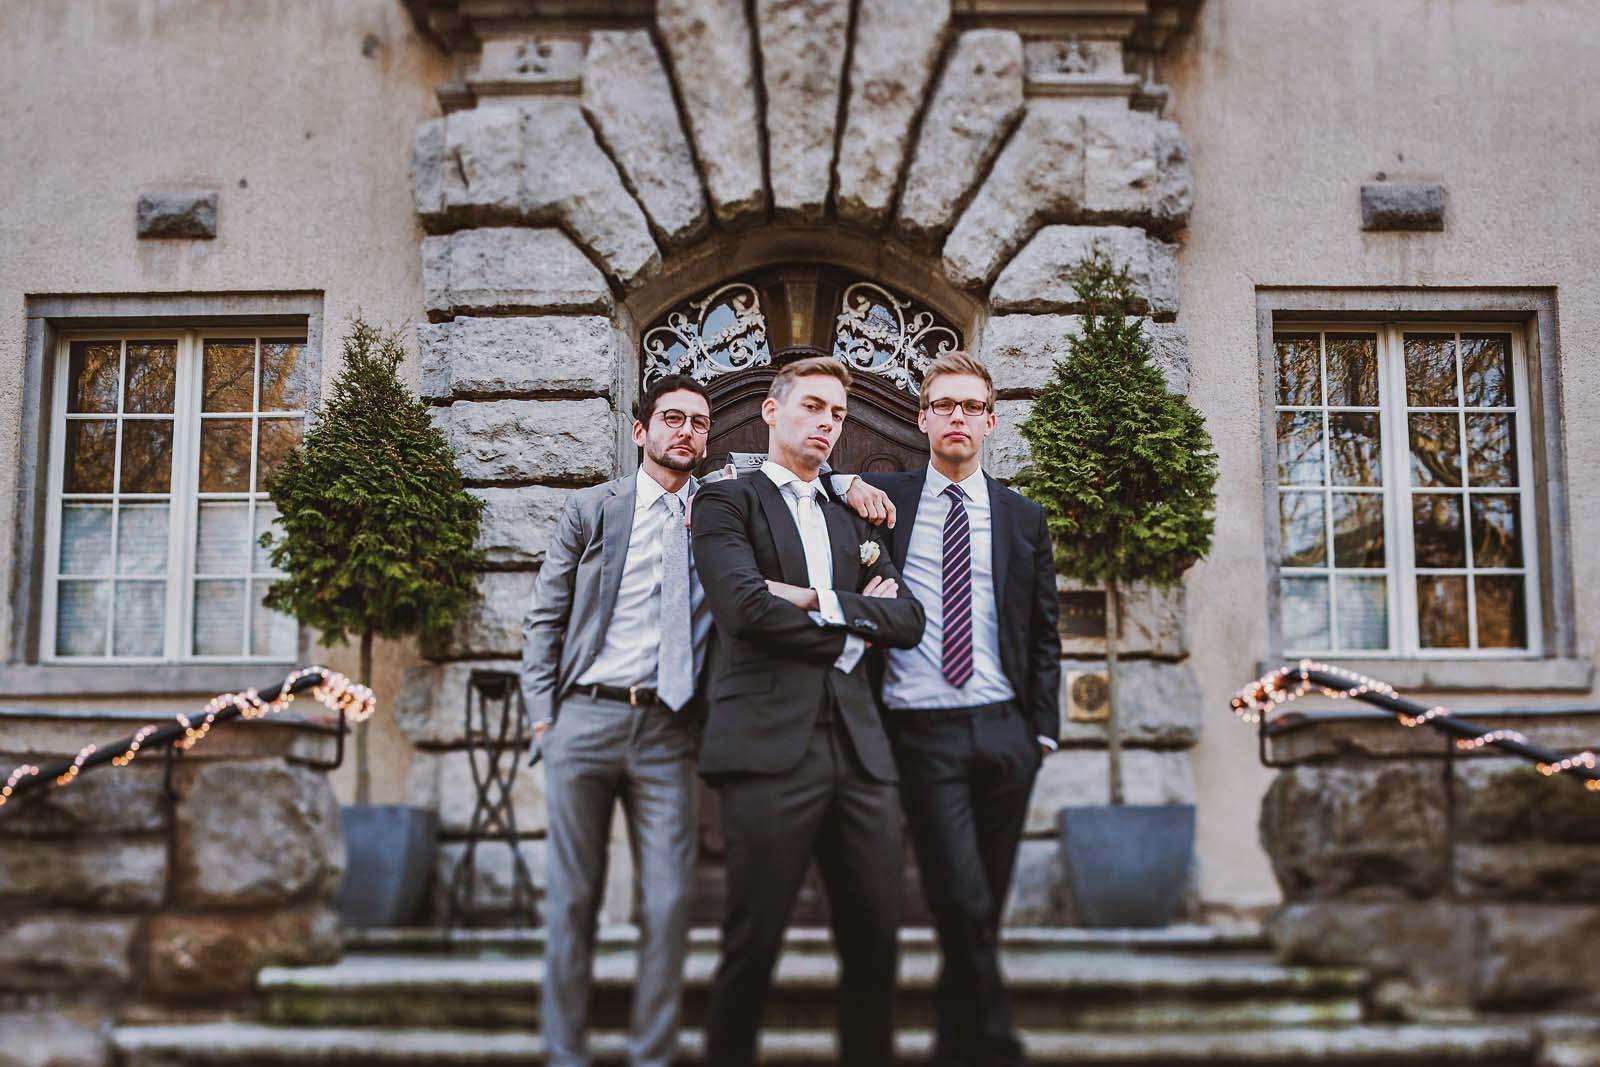 Hochzeit auf Schloss Kartzow Gruppenfoto Copyright by Hochzeitsfotograf www.berliner-hochzeitsfotografie.de